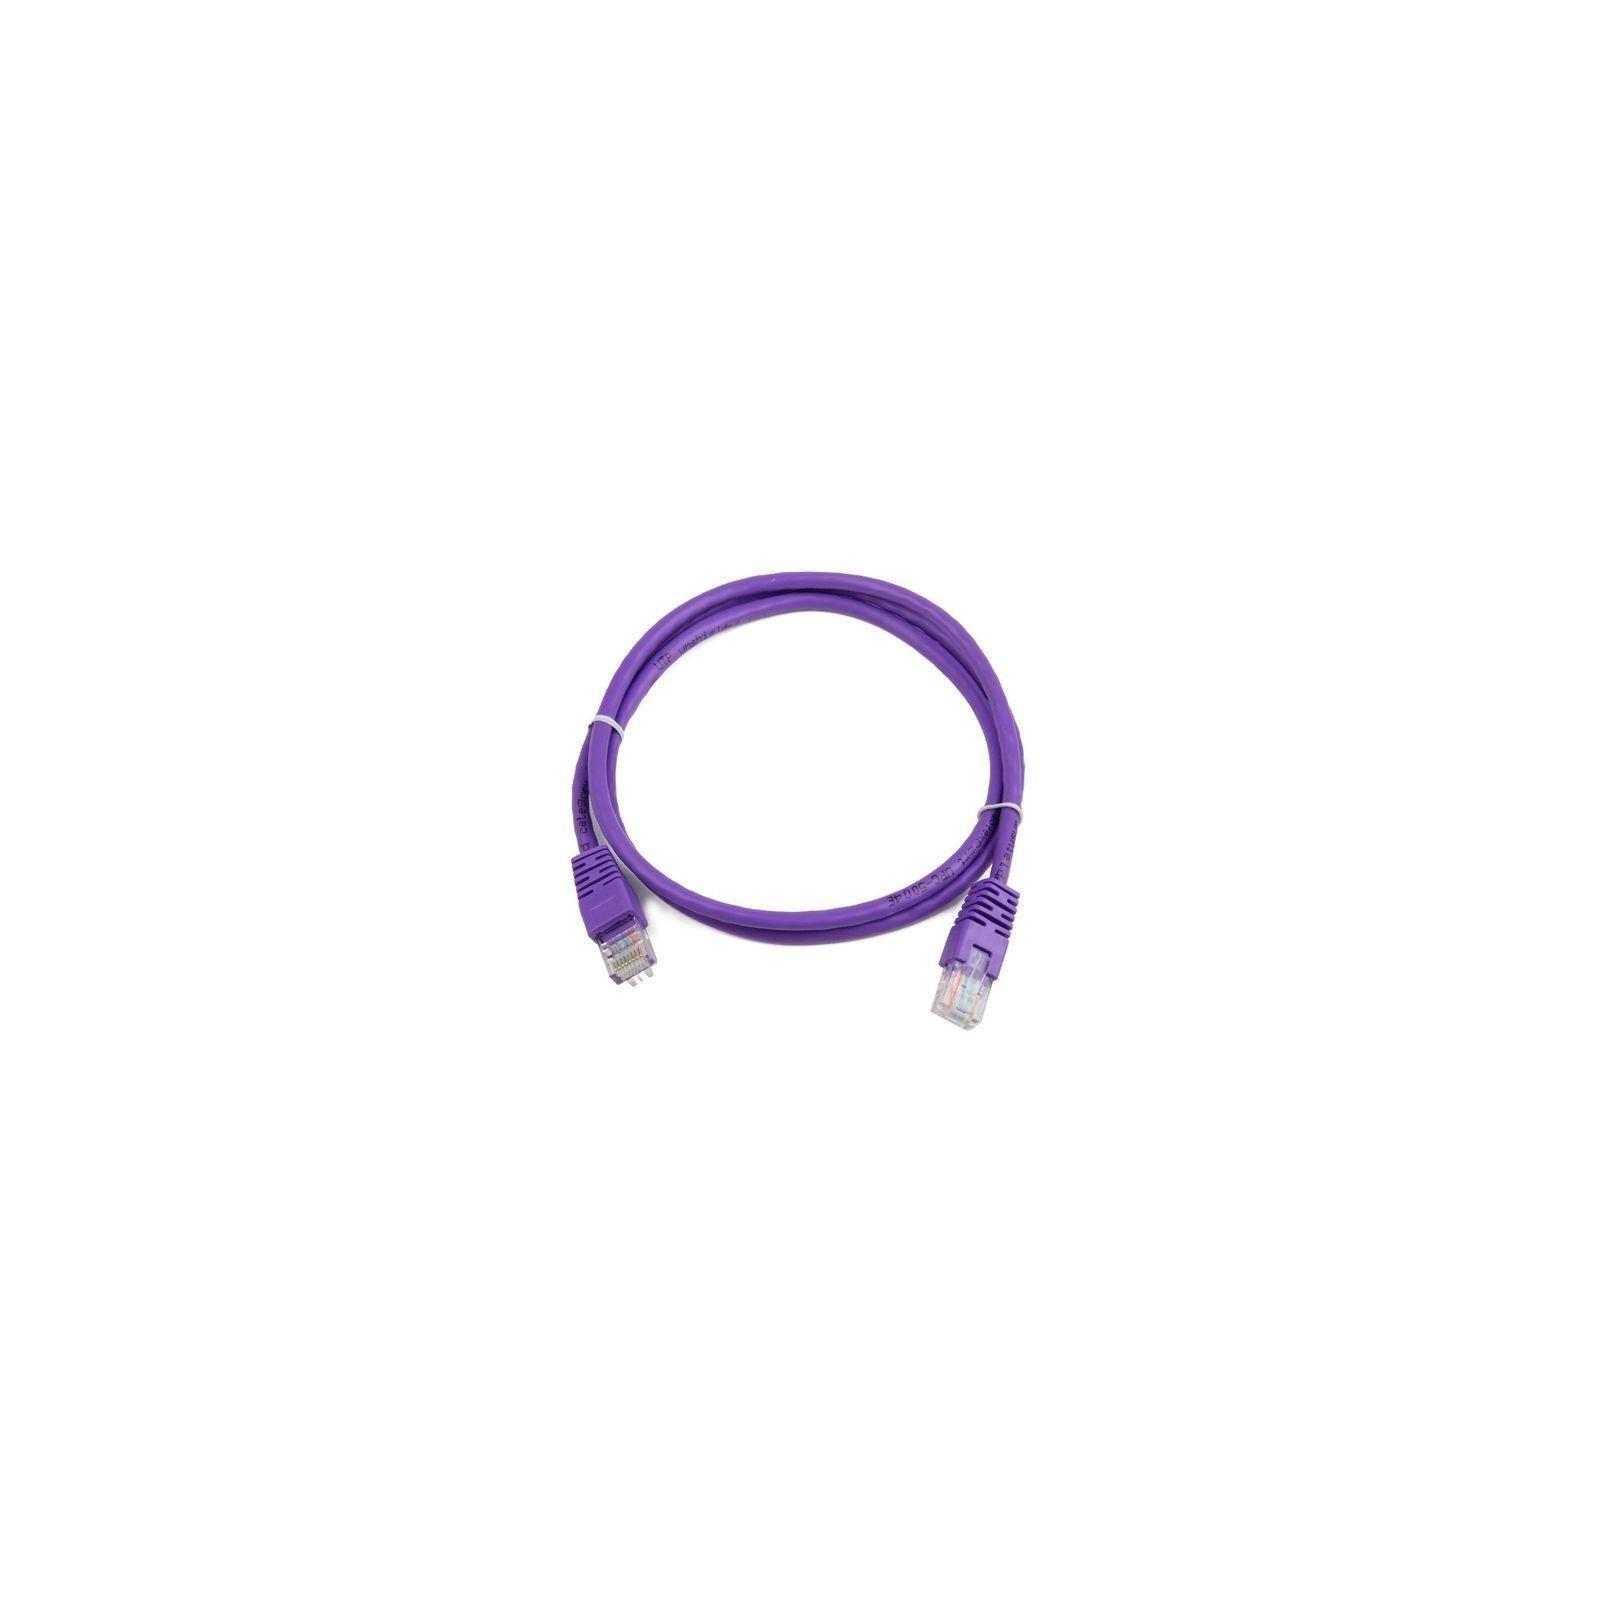 Патч-корд Cablexpert 0.25м (PP12-0.25M/V) изображение 2